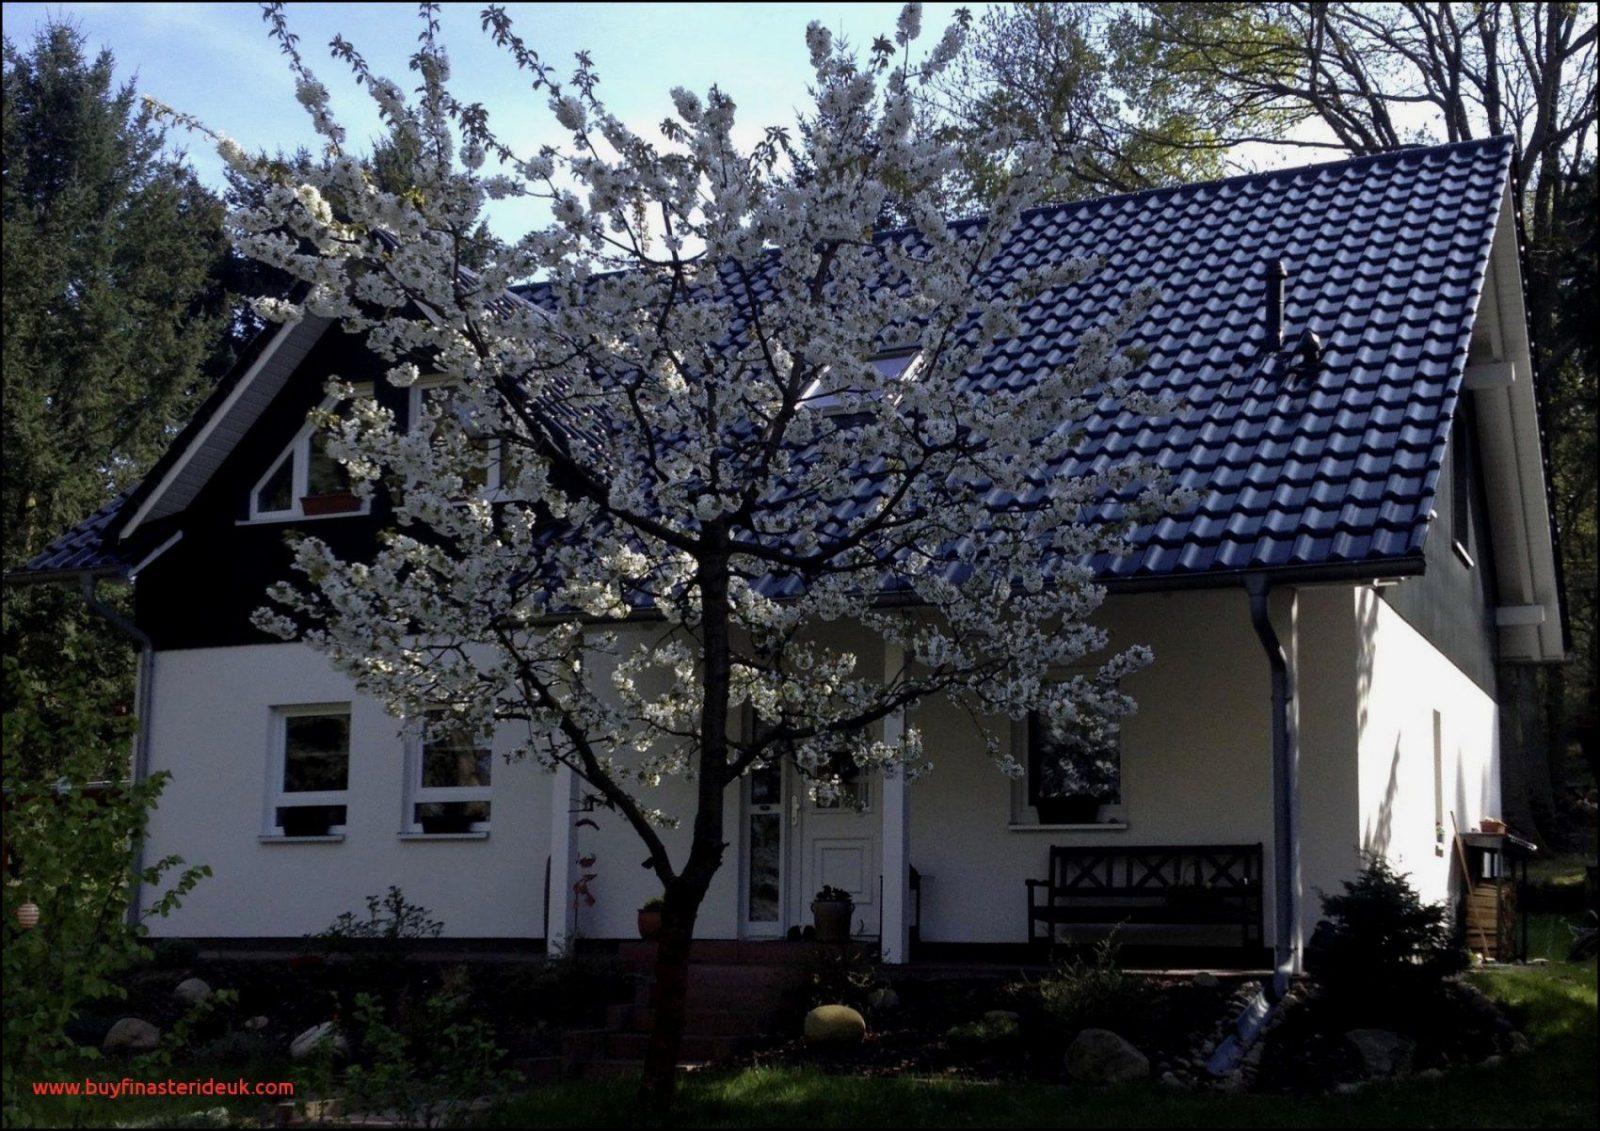 27 Luxuskonzept Spandau Haus Kaufen  Wallpaper Farbe Ideen von Haus Kaufen Berlin Spandau Photo